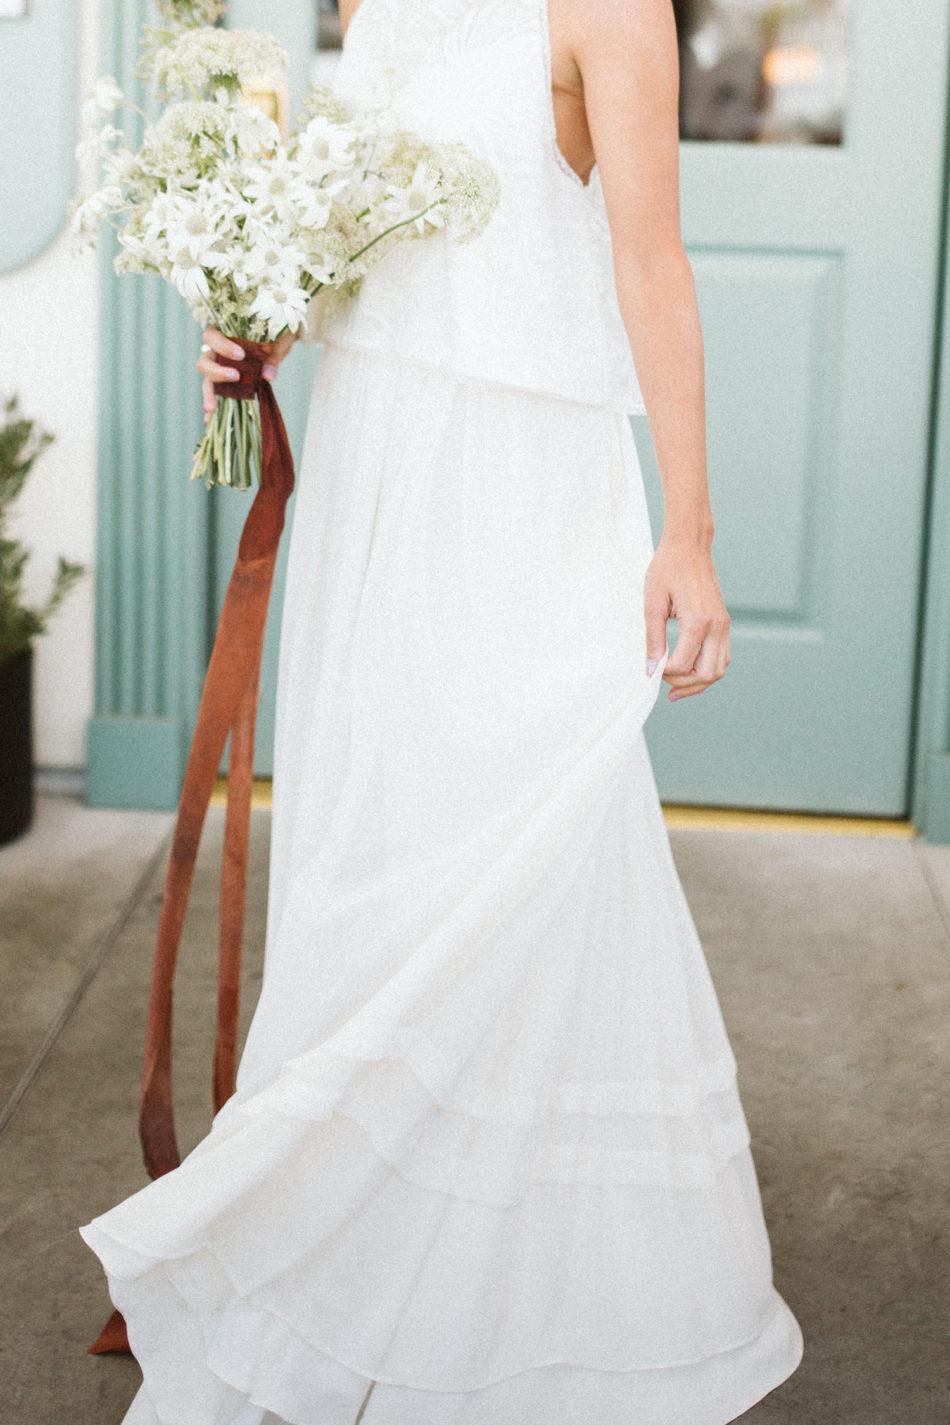 Photoshoot inspiration mariage moderne et simple,robe de mariée moderne et simple